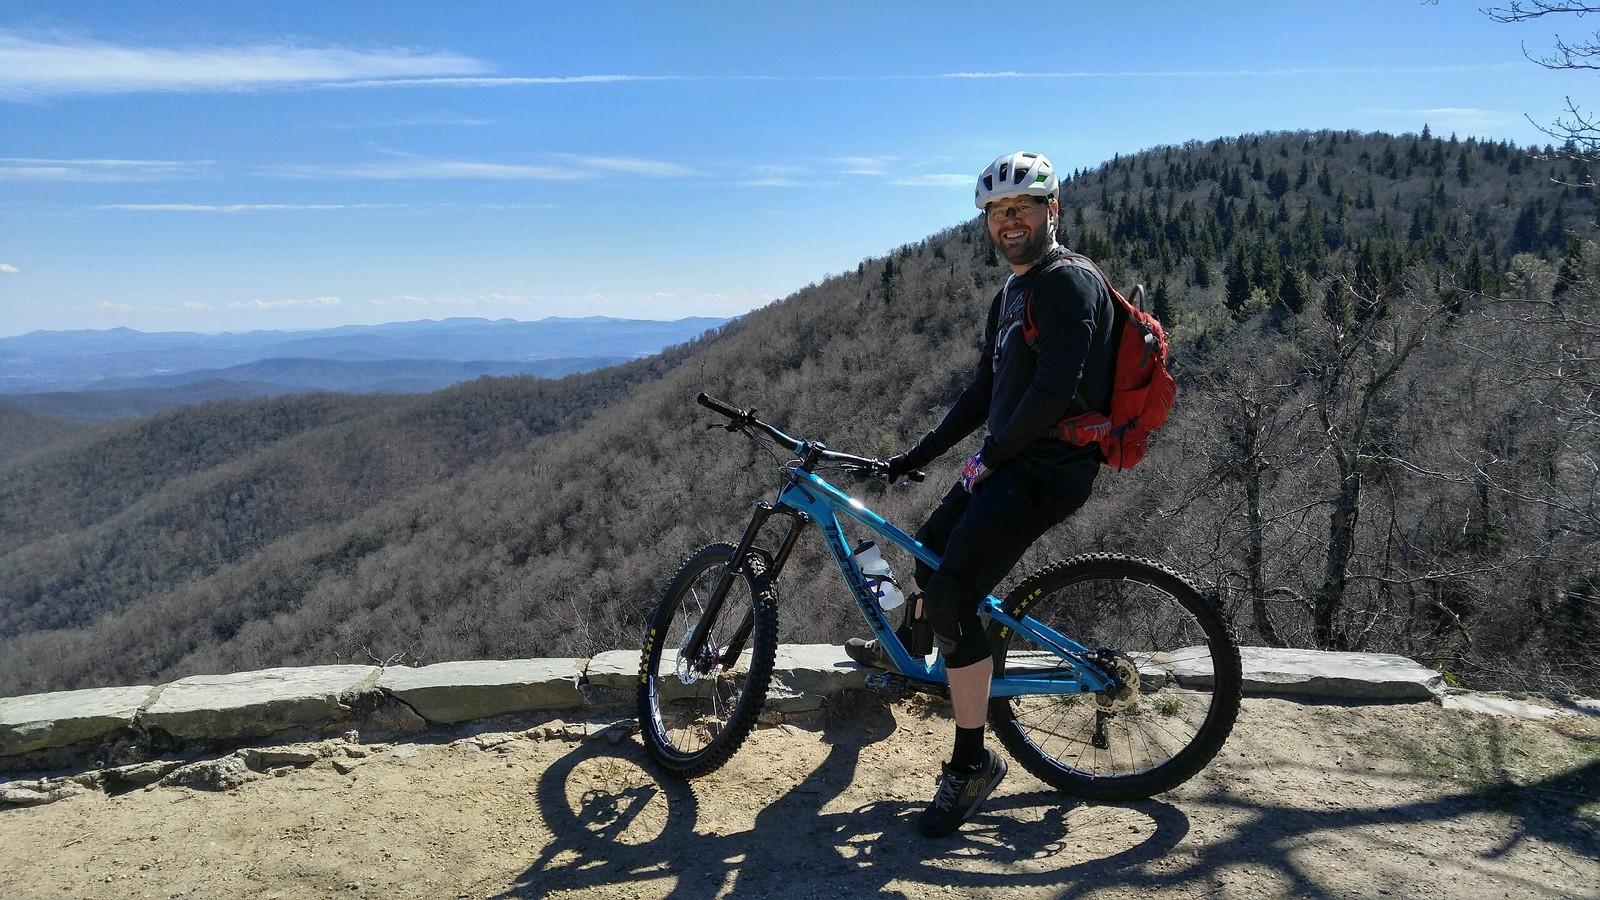 IMG 7401 - 615regular - Mountain Biking Pictures - Vital MTB